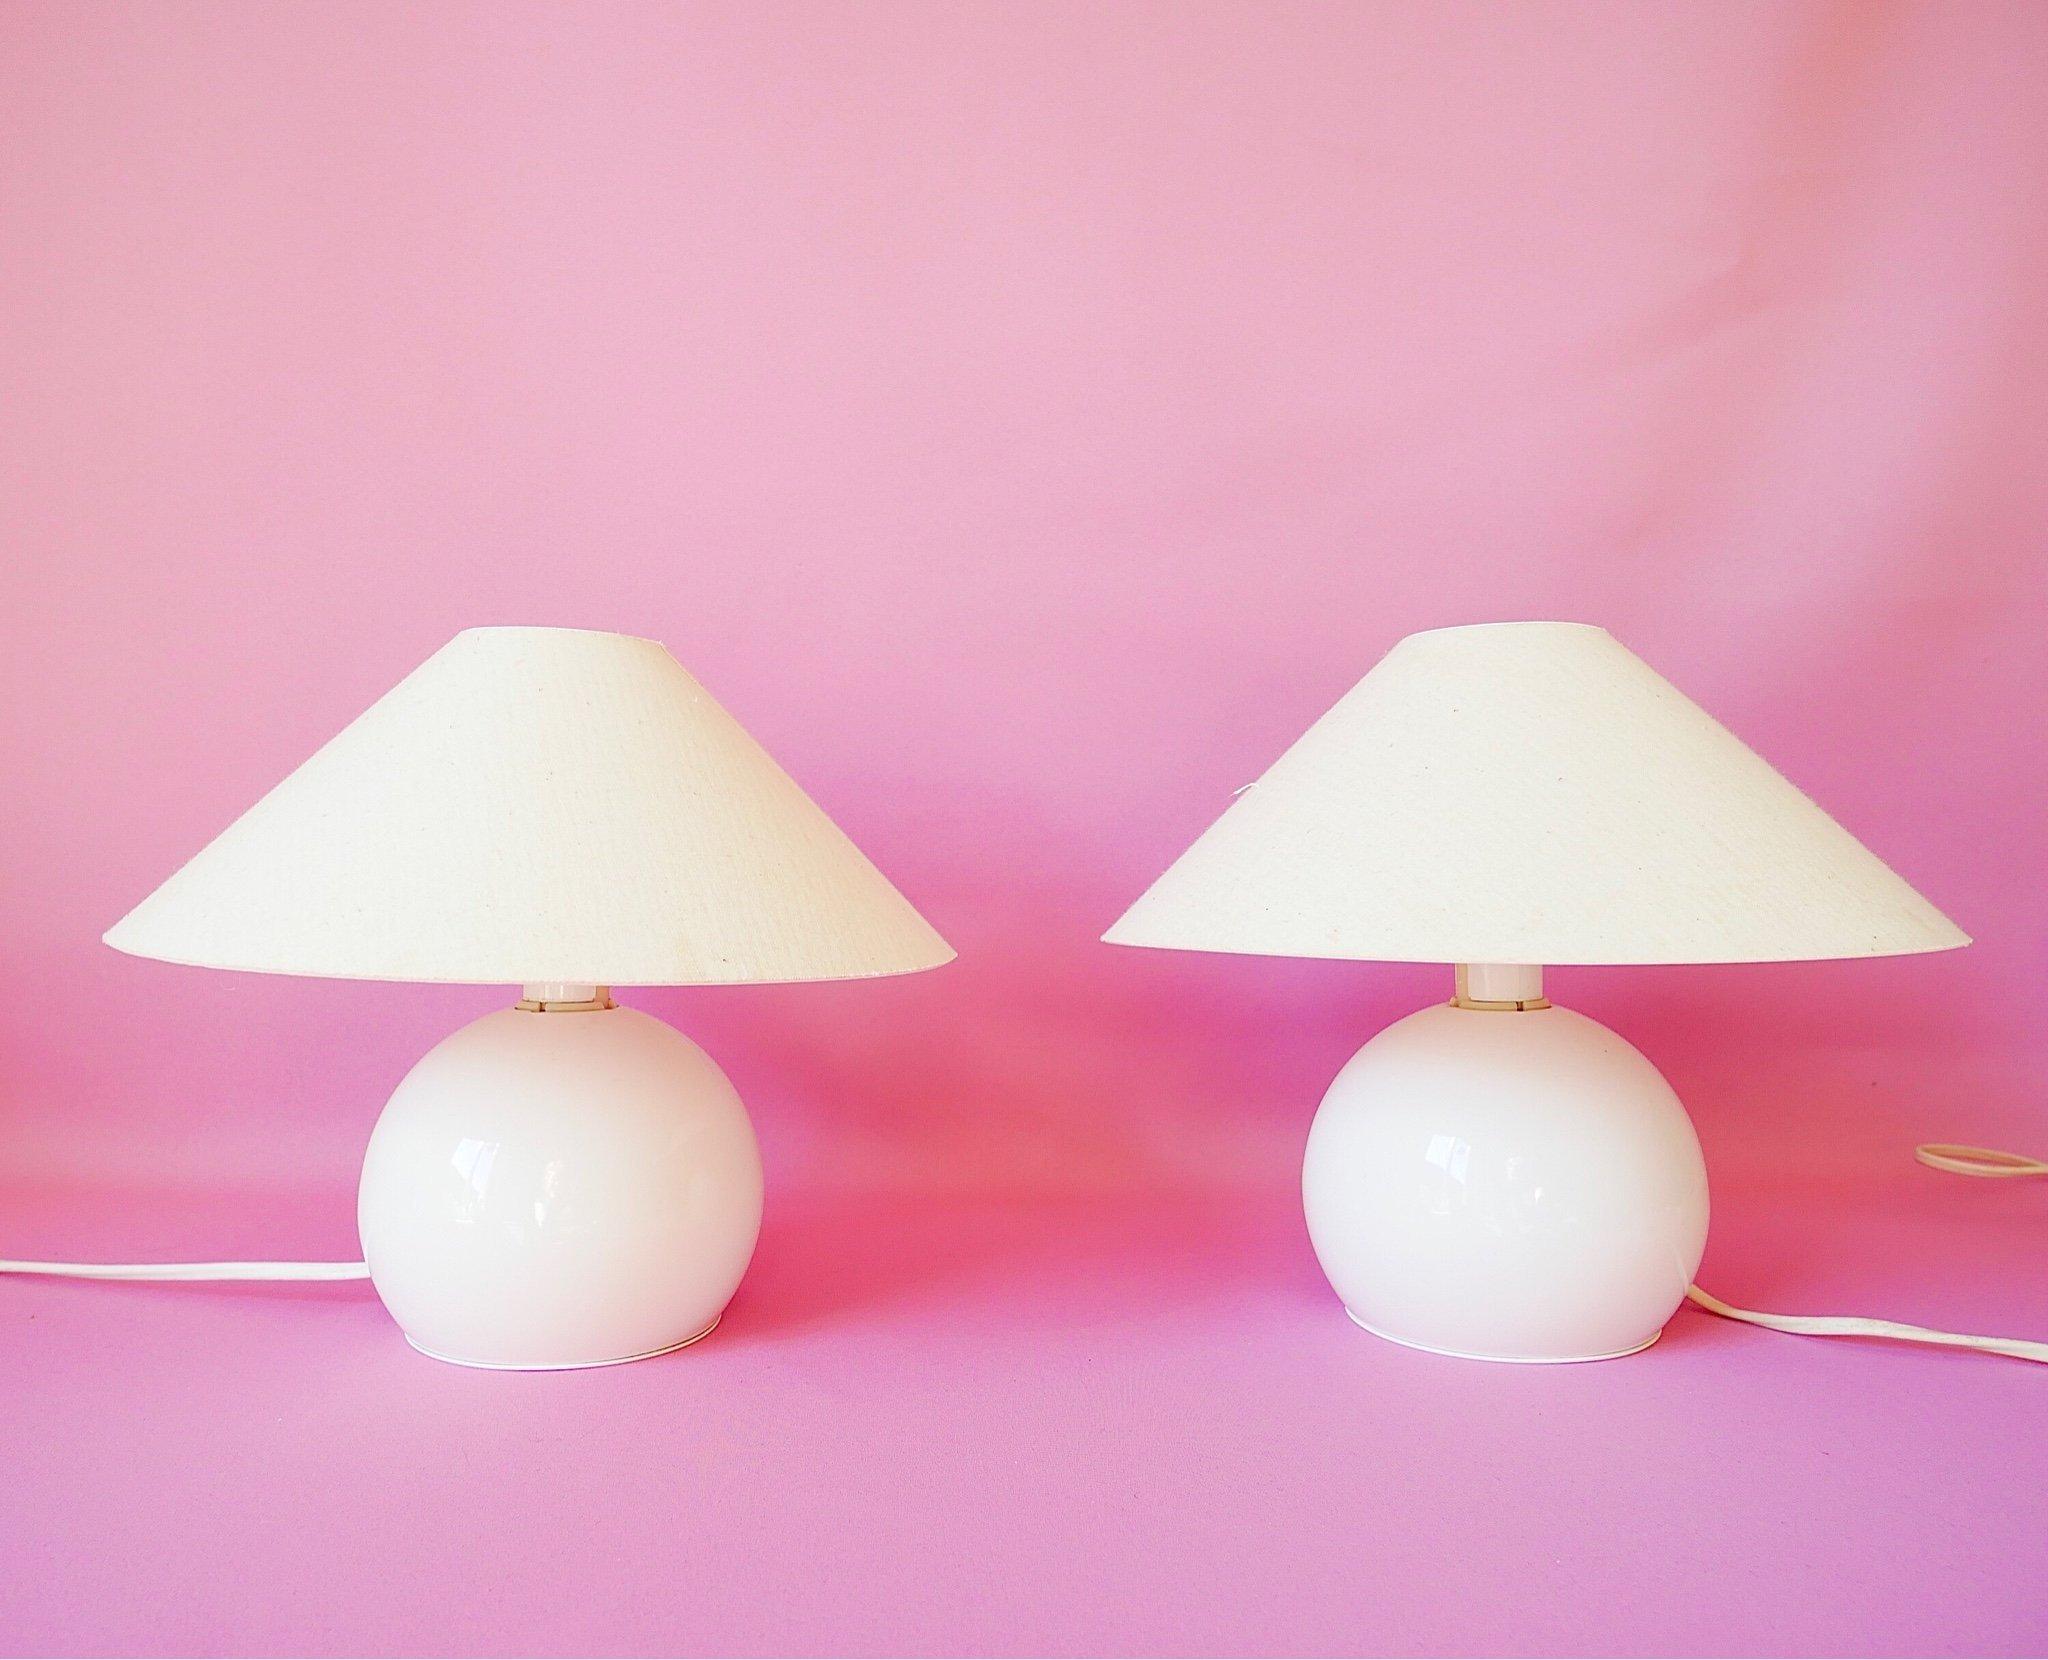 Boll lampa klot kullampa paret retro Ikea 80 90 tal klotlampa svamplampa